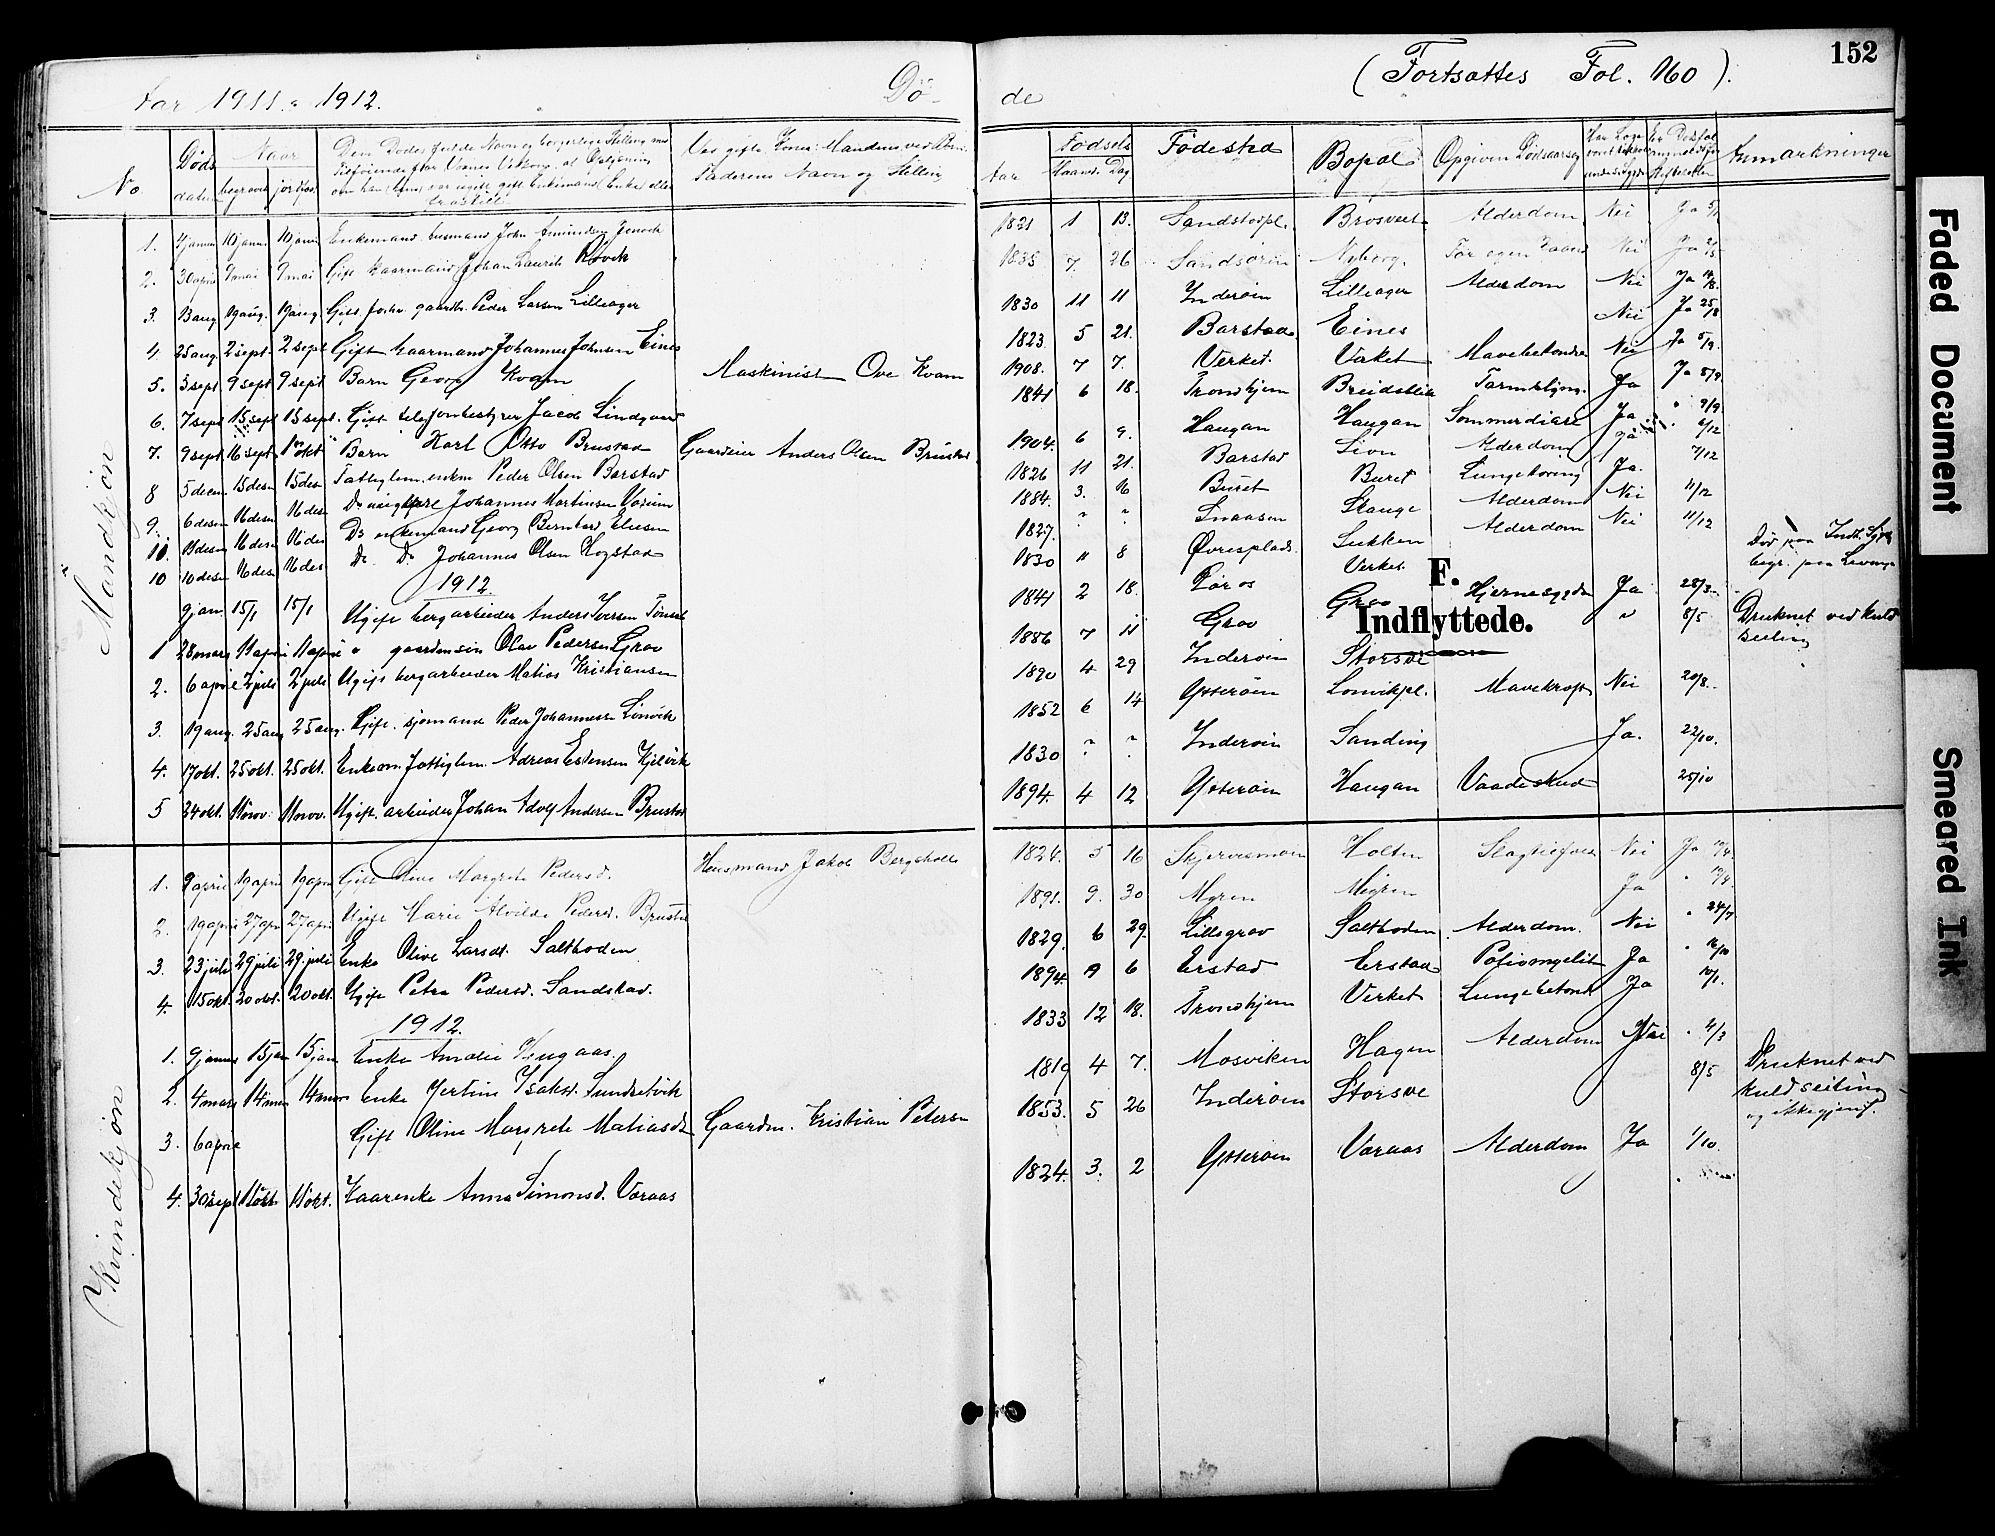 SAT, Ministerialprotokoller, klokkerbøker og fødselsregistre - Nord-Trøndelag, 722/L0226: Klokkerbok nr. 722C02, 1889-1927, s. 152